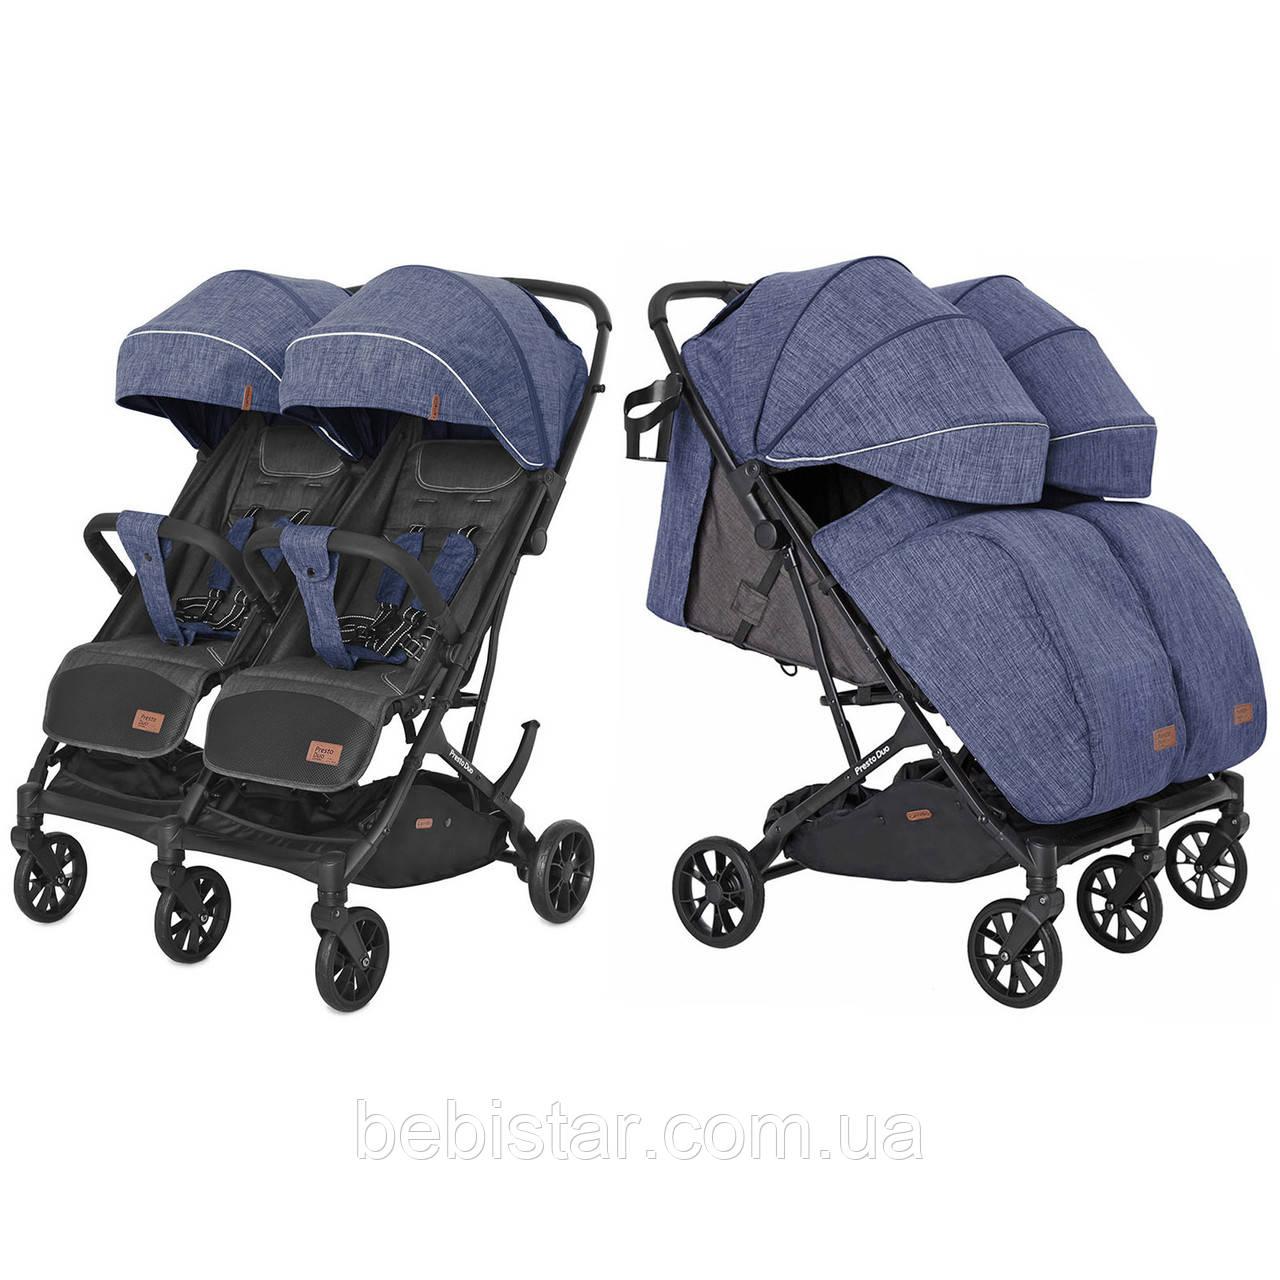 Коляска прогулочная для двойни синяя с дождевиком Carrello Presto Duo CRL-5506 Oxford Blue от 6 мес до 3-4 лет